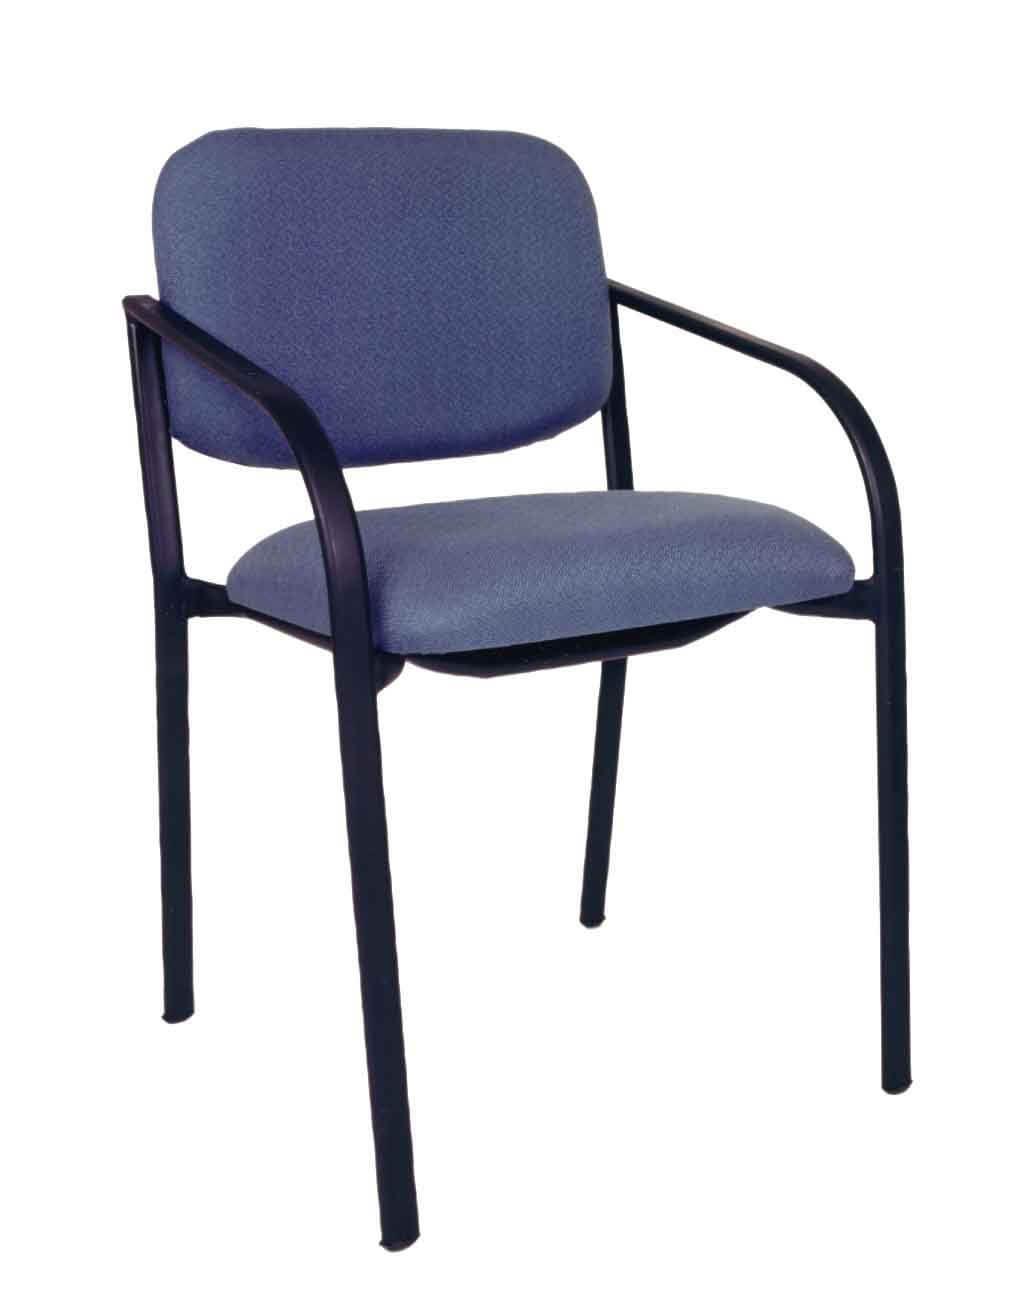 silla ab-700 | Sillas económicas para oficinas | Muebles ...